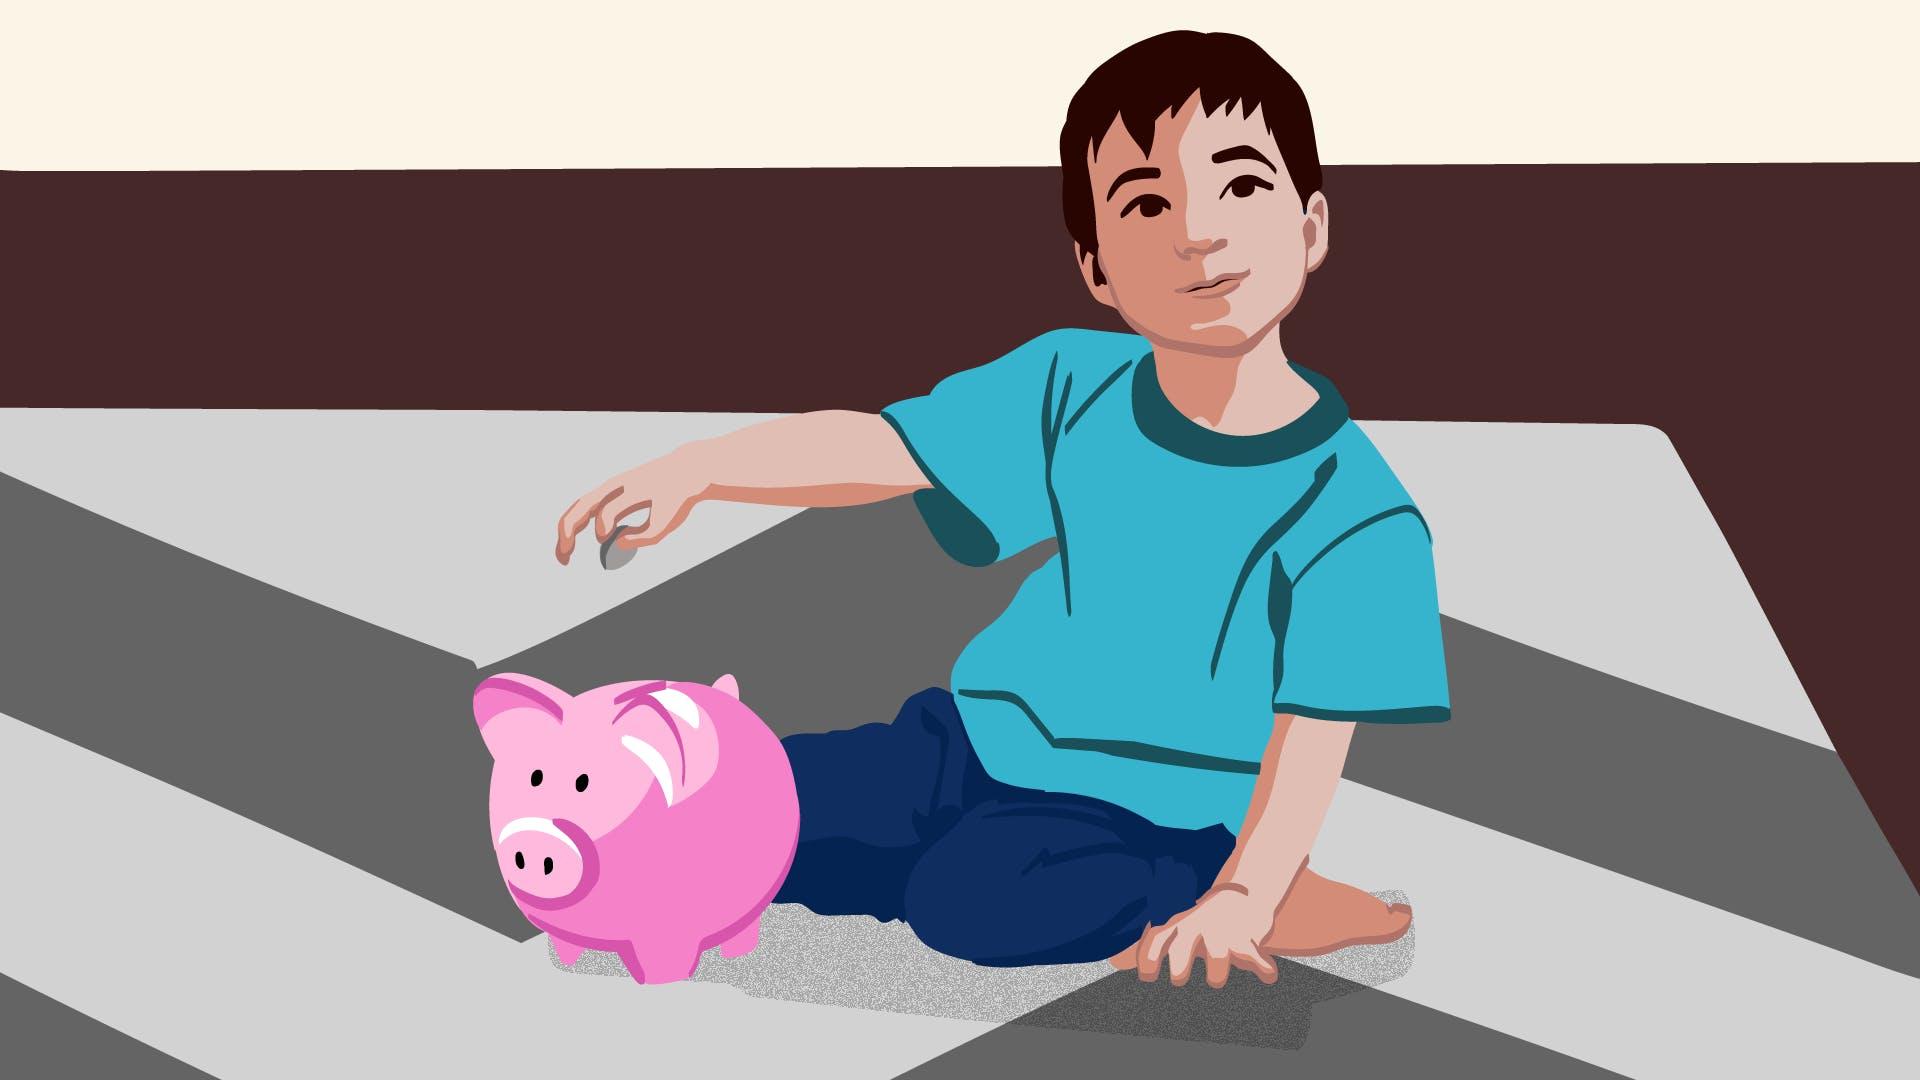 Sitzender kleiner Junge der eine Münze in ein rosa Sparschwein wirft, um aufzuzeigen, dass auch mit Instagram Geld verdient werden kann.